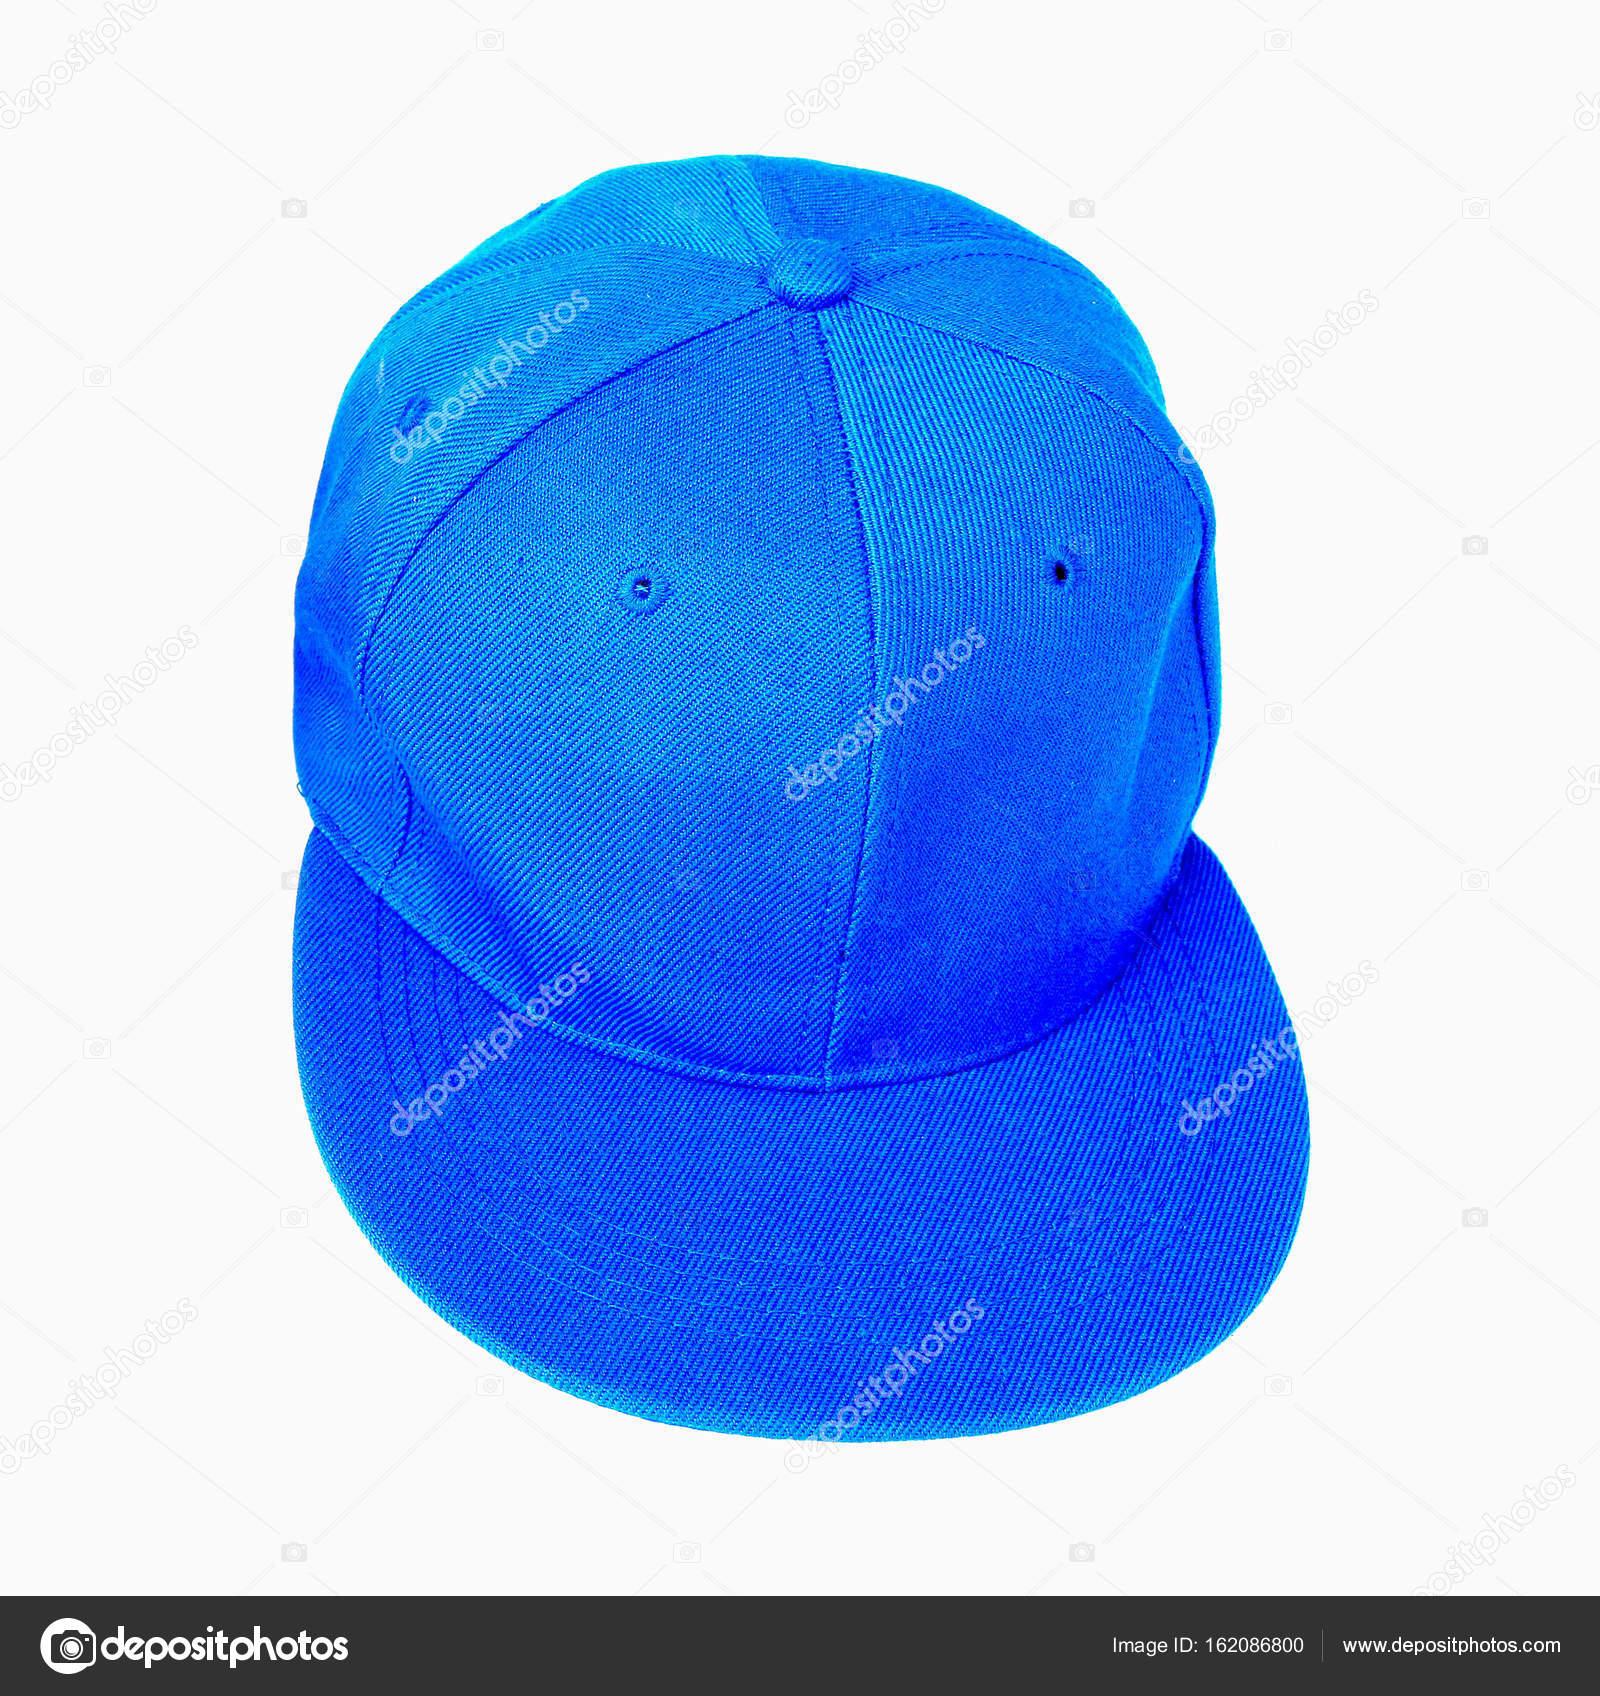 Chiuda in su del berretto da baseball blu isolato su priorità bassa bianca  — Foto di thawornnulove 1ecbb245af49